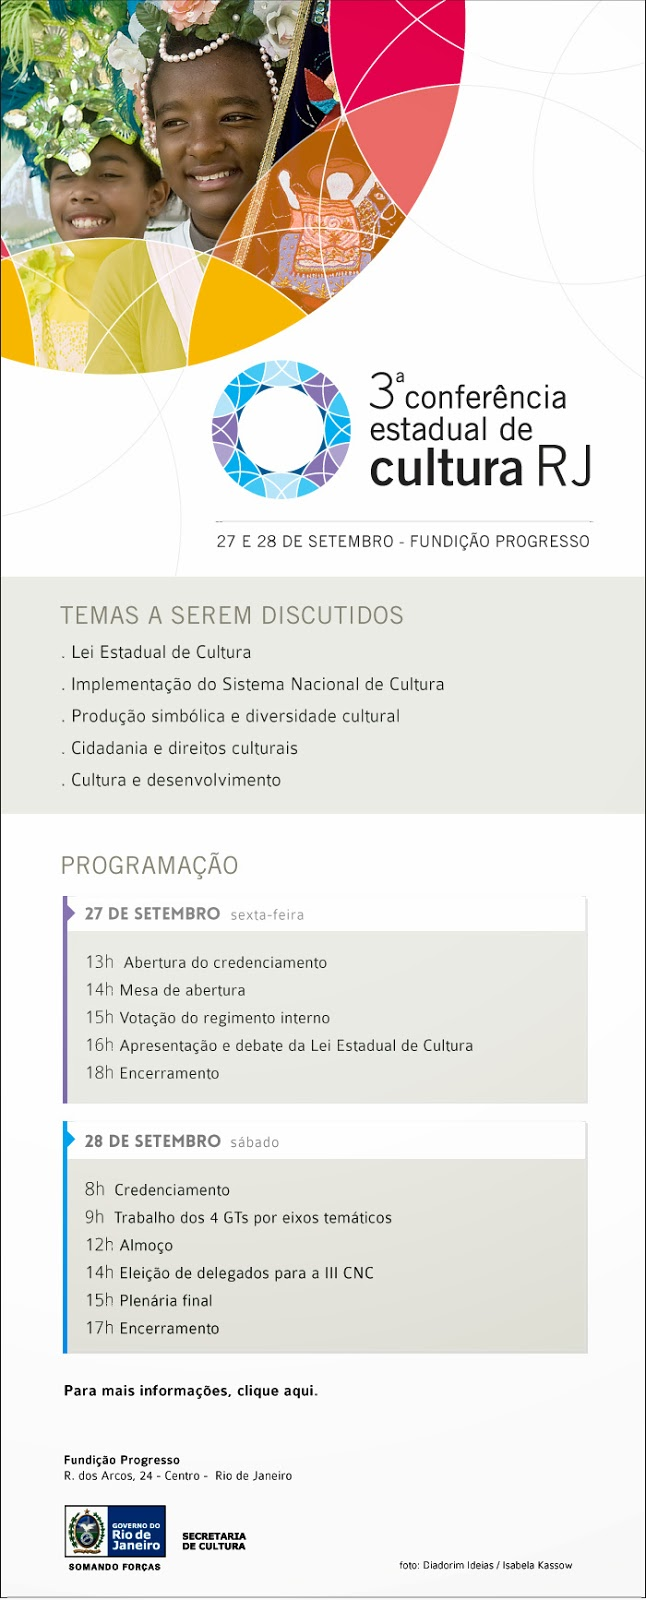 3ª Conferência Estadual de Cultura RJ dias 27 e 28/09/13 na Fundição Progresso